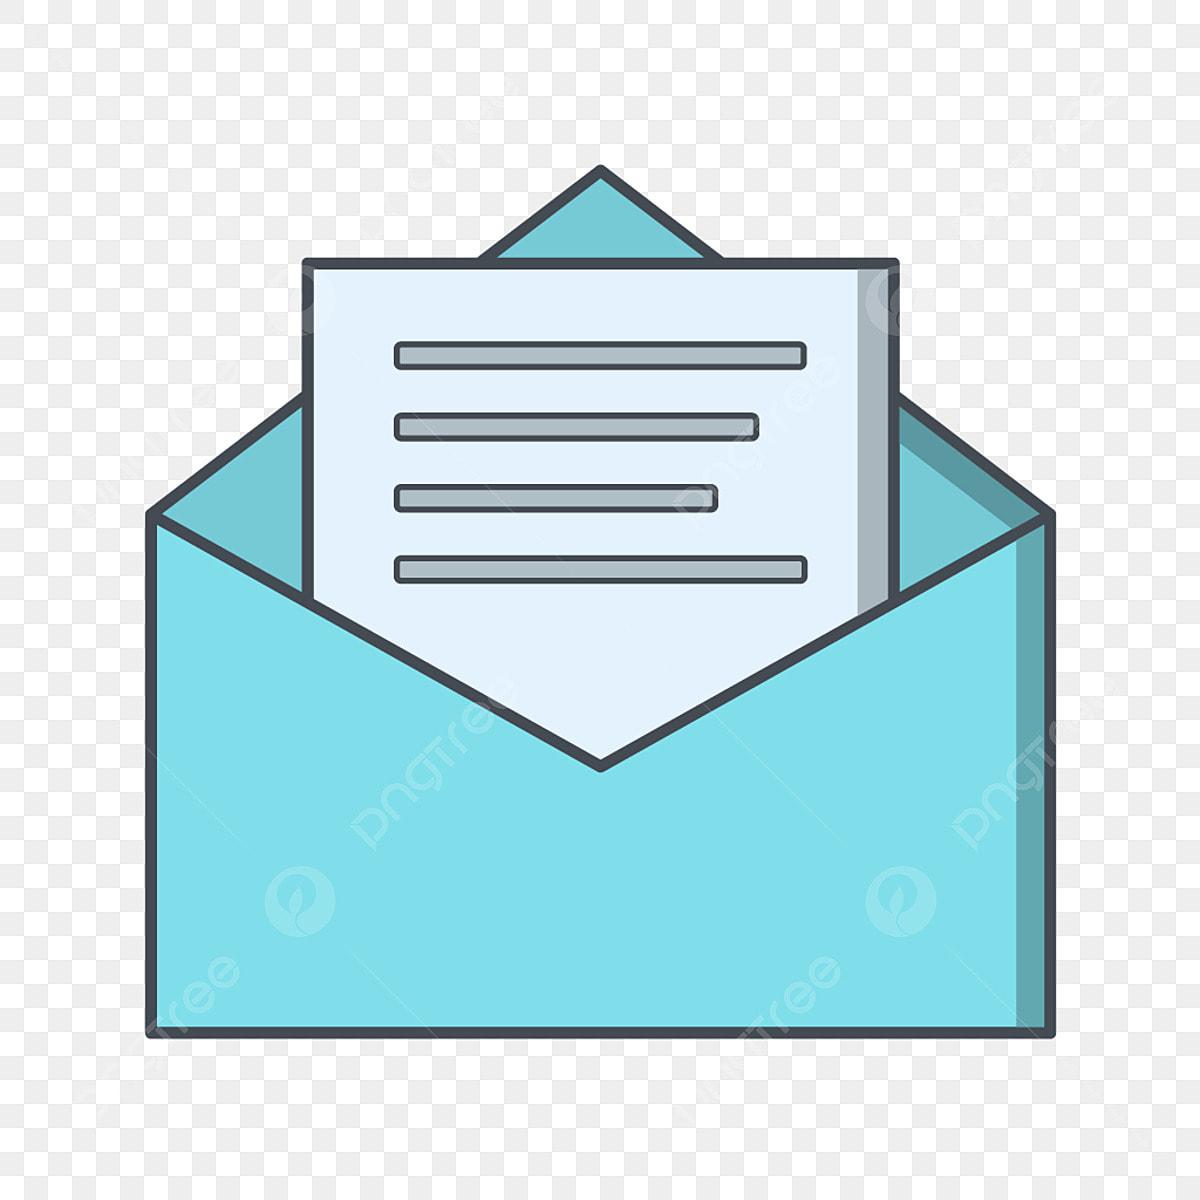 Sampul Surat Vektor Ikon Bentuk Amplop Sampul Surat Ikon